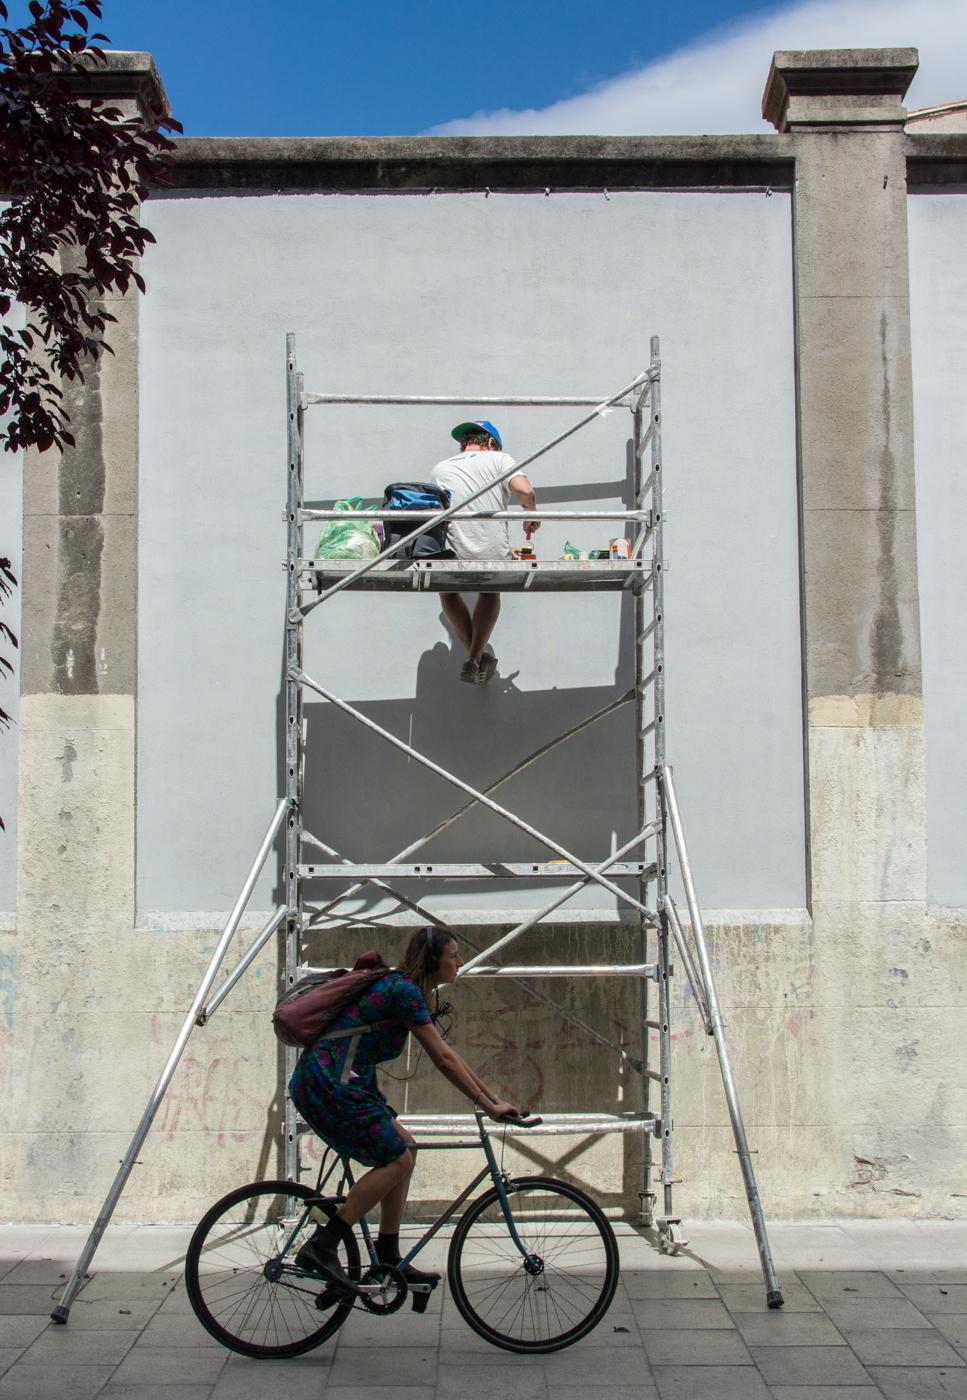 Lelo - MurosTabacalera by Guillermo de la Madrid - Madrid Street Art Project-003.jpg